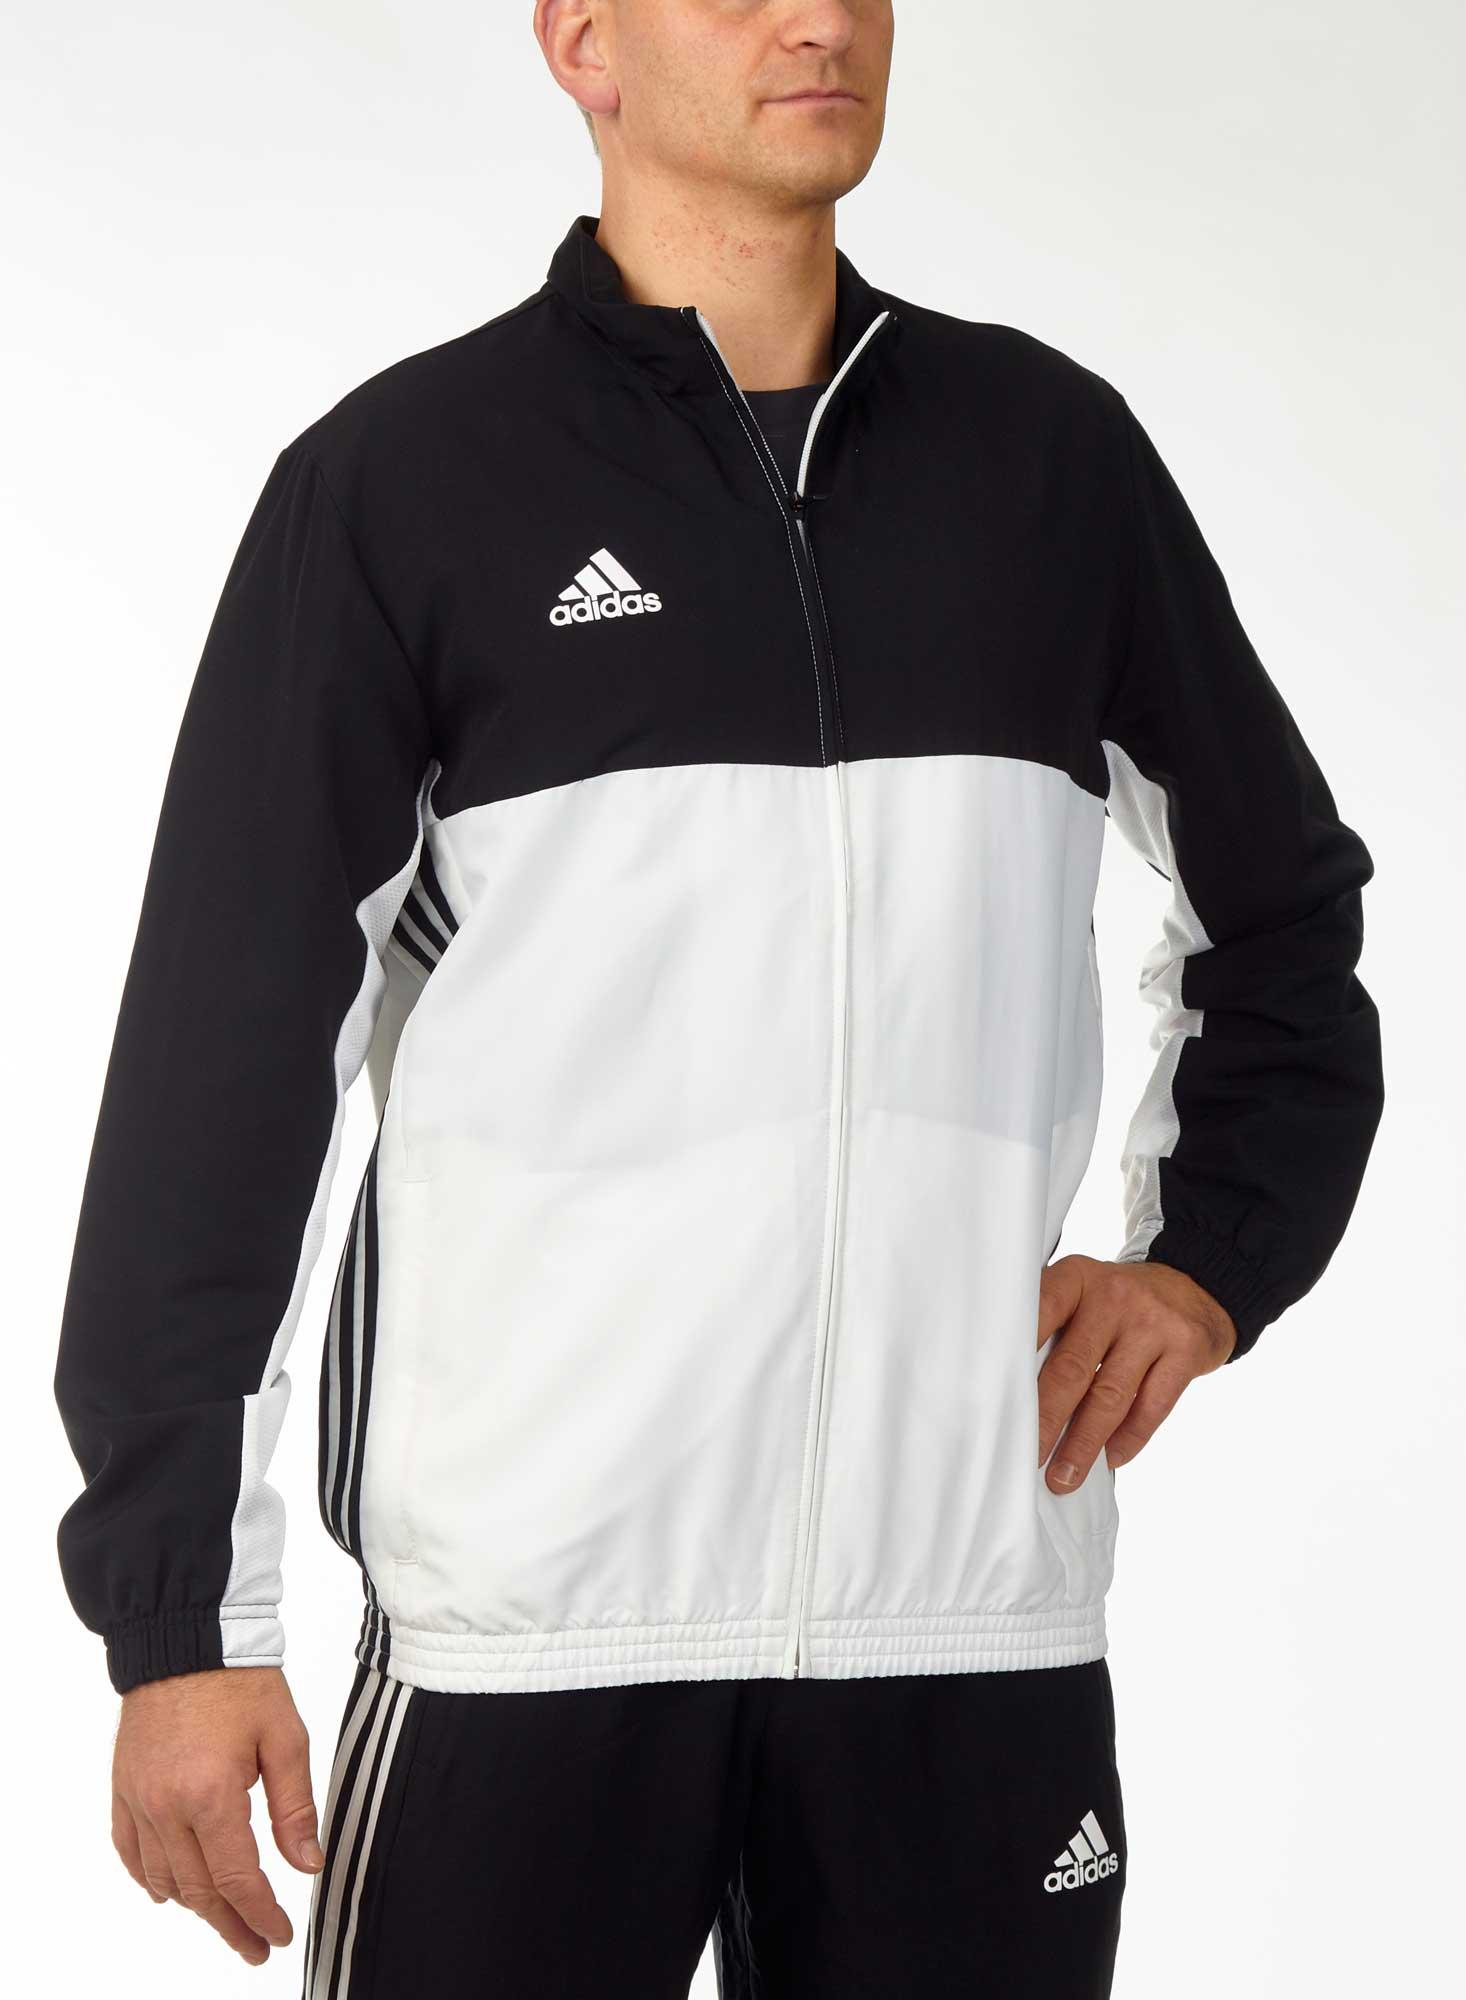 71163a0ebe9f7b Vorschau  adidas T16 Team Jacket Männer schwarz weiß